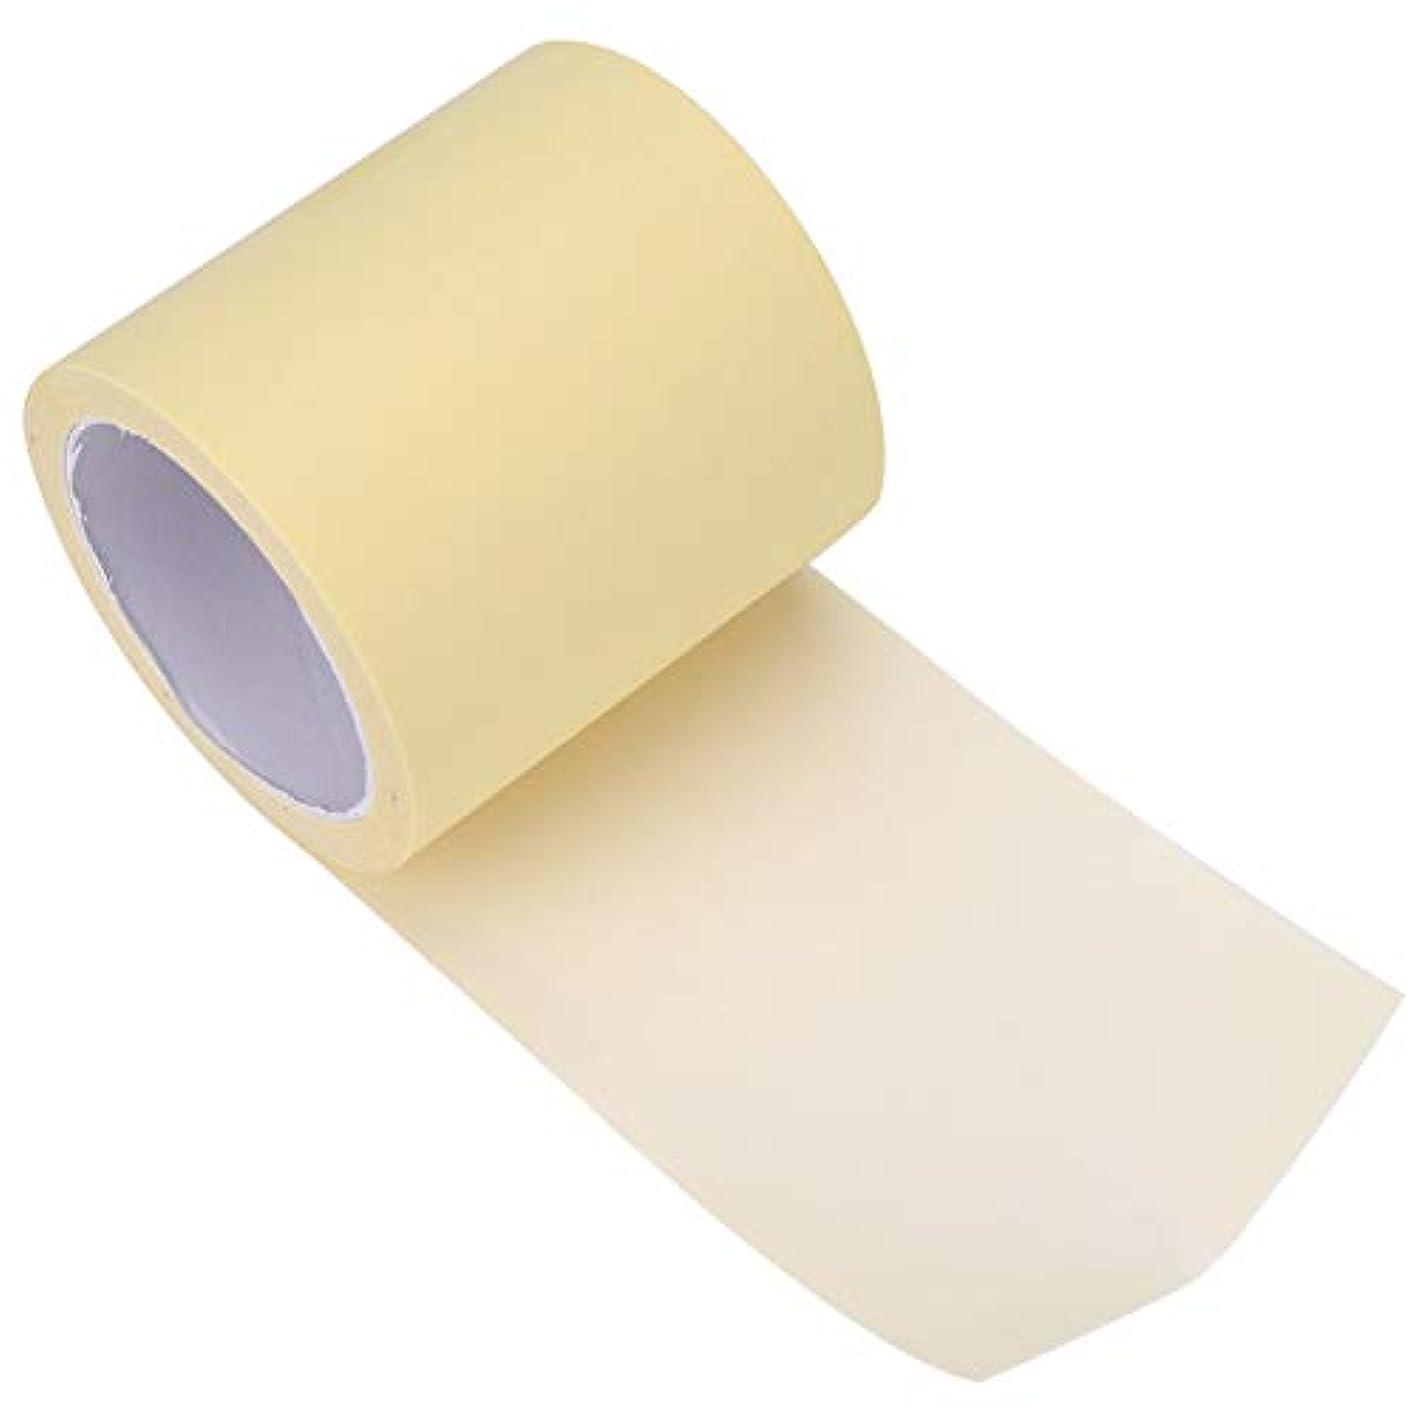 特殊ノート用心深い極薄0.012 mm 脇パッド 脇の下 汗止めパッド 肌に優しい 抗菌加工 防水性 男女兼用 透明 長さ600 cm